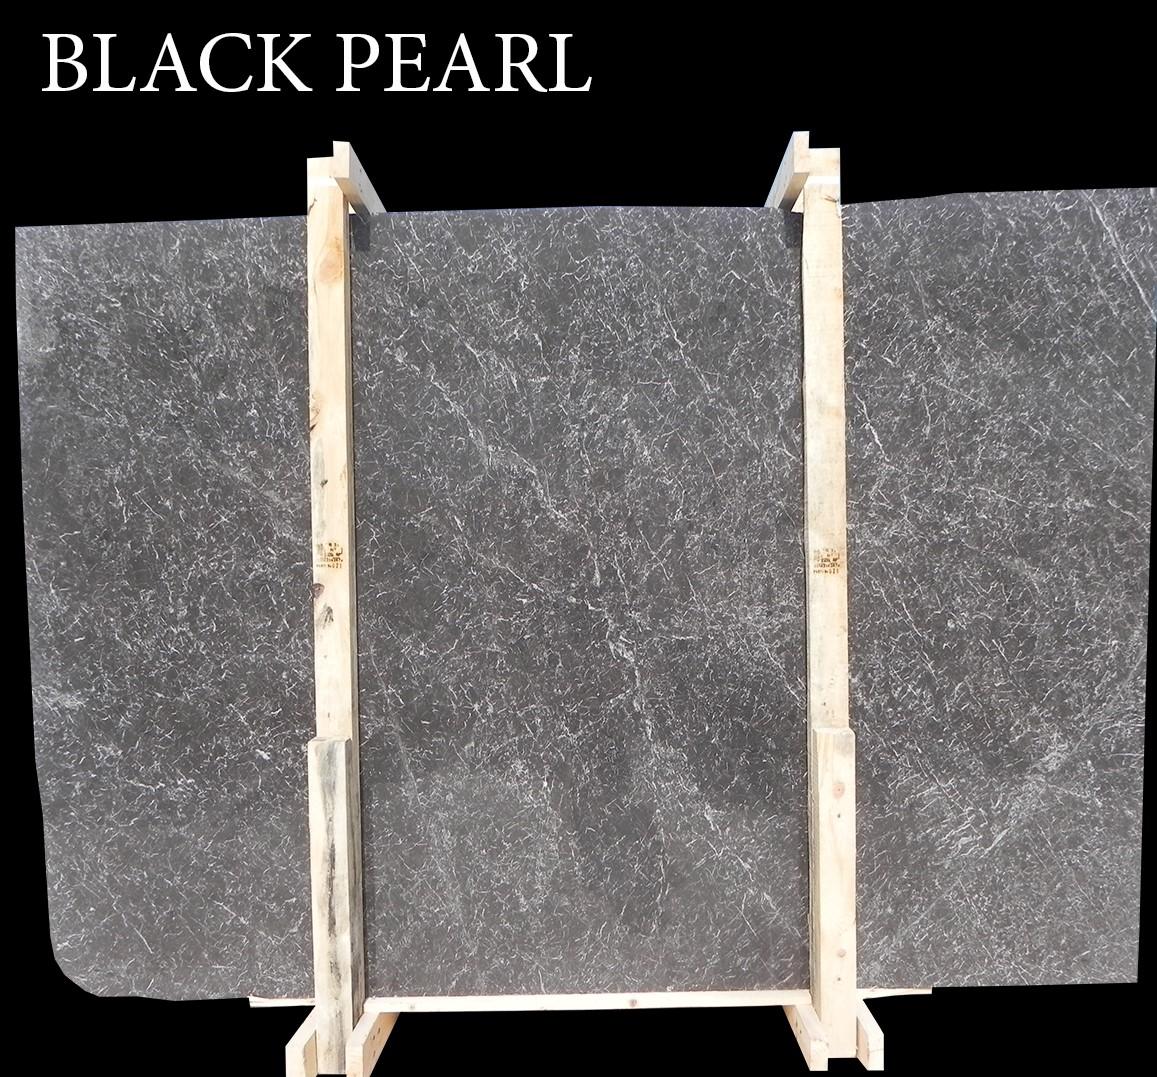 Beige Marble Slabs  Black Pearl Slabs